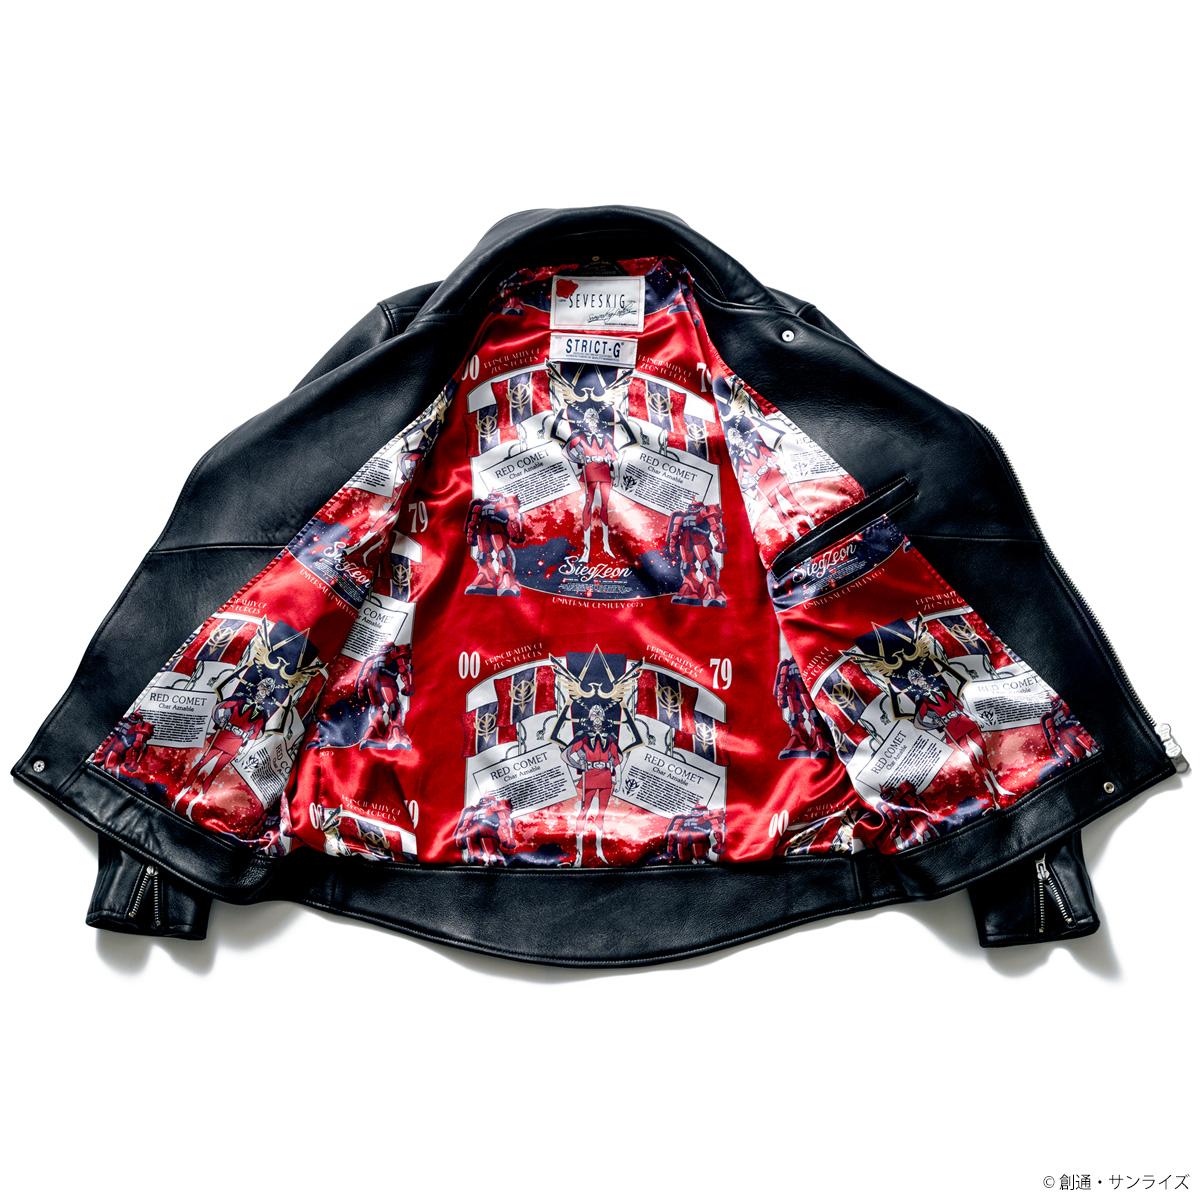 STRICT-G SEVESKIG 『機動戦士ガンダム』ダブルライダースジャケット シャアモデル